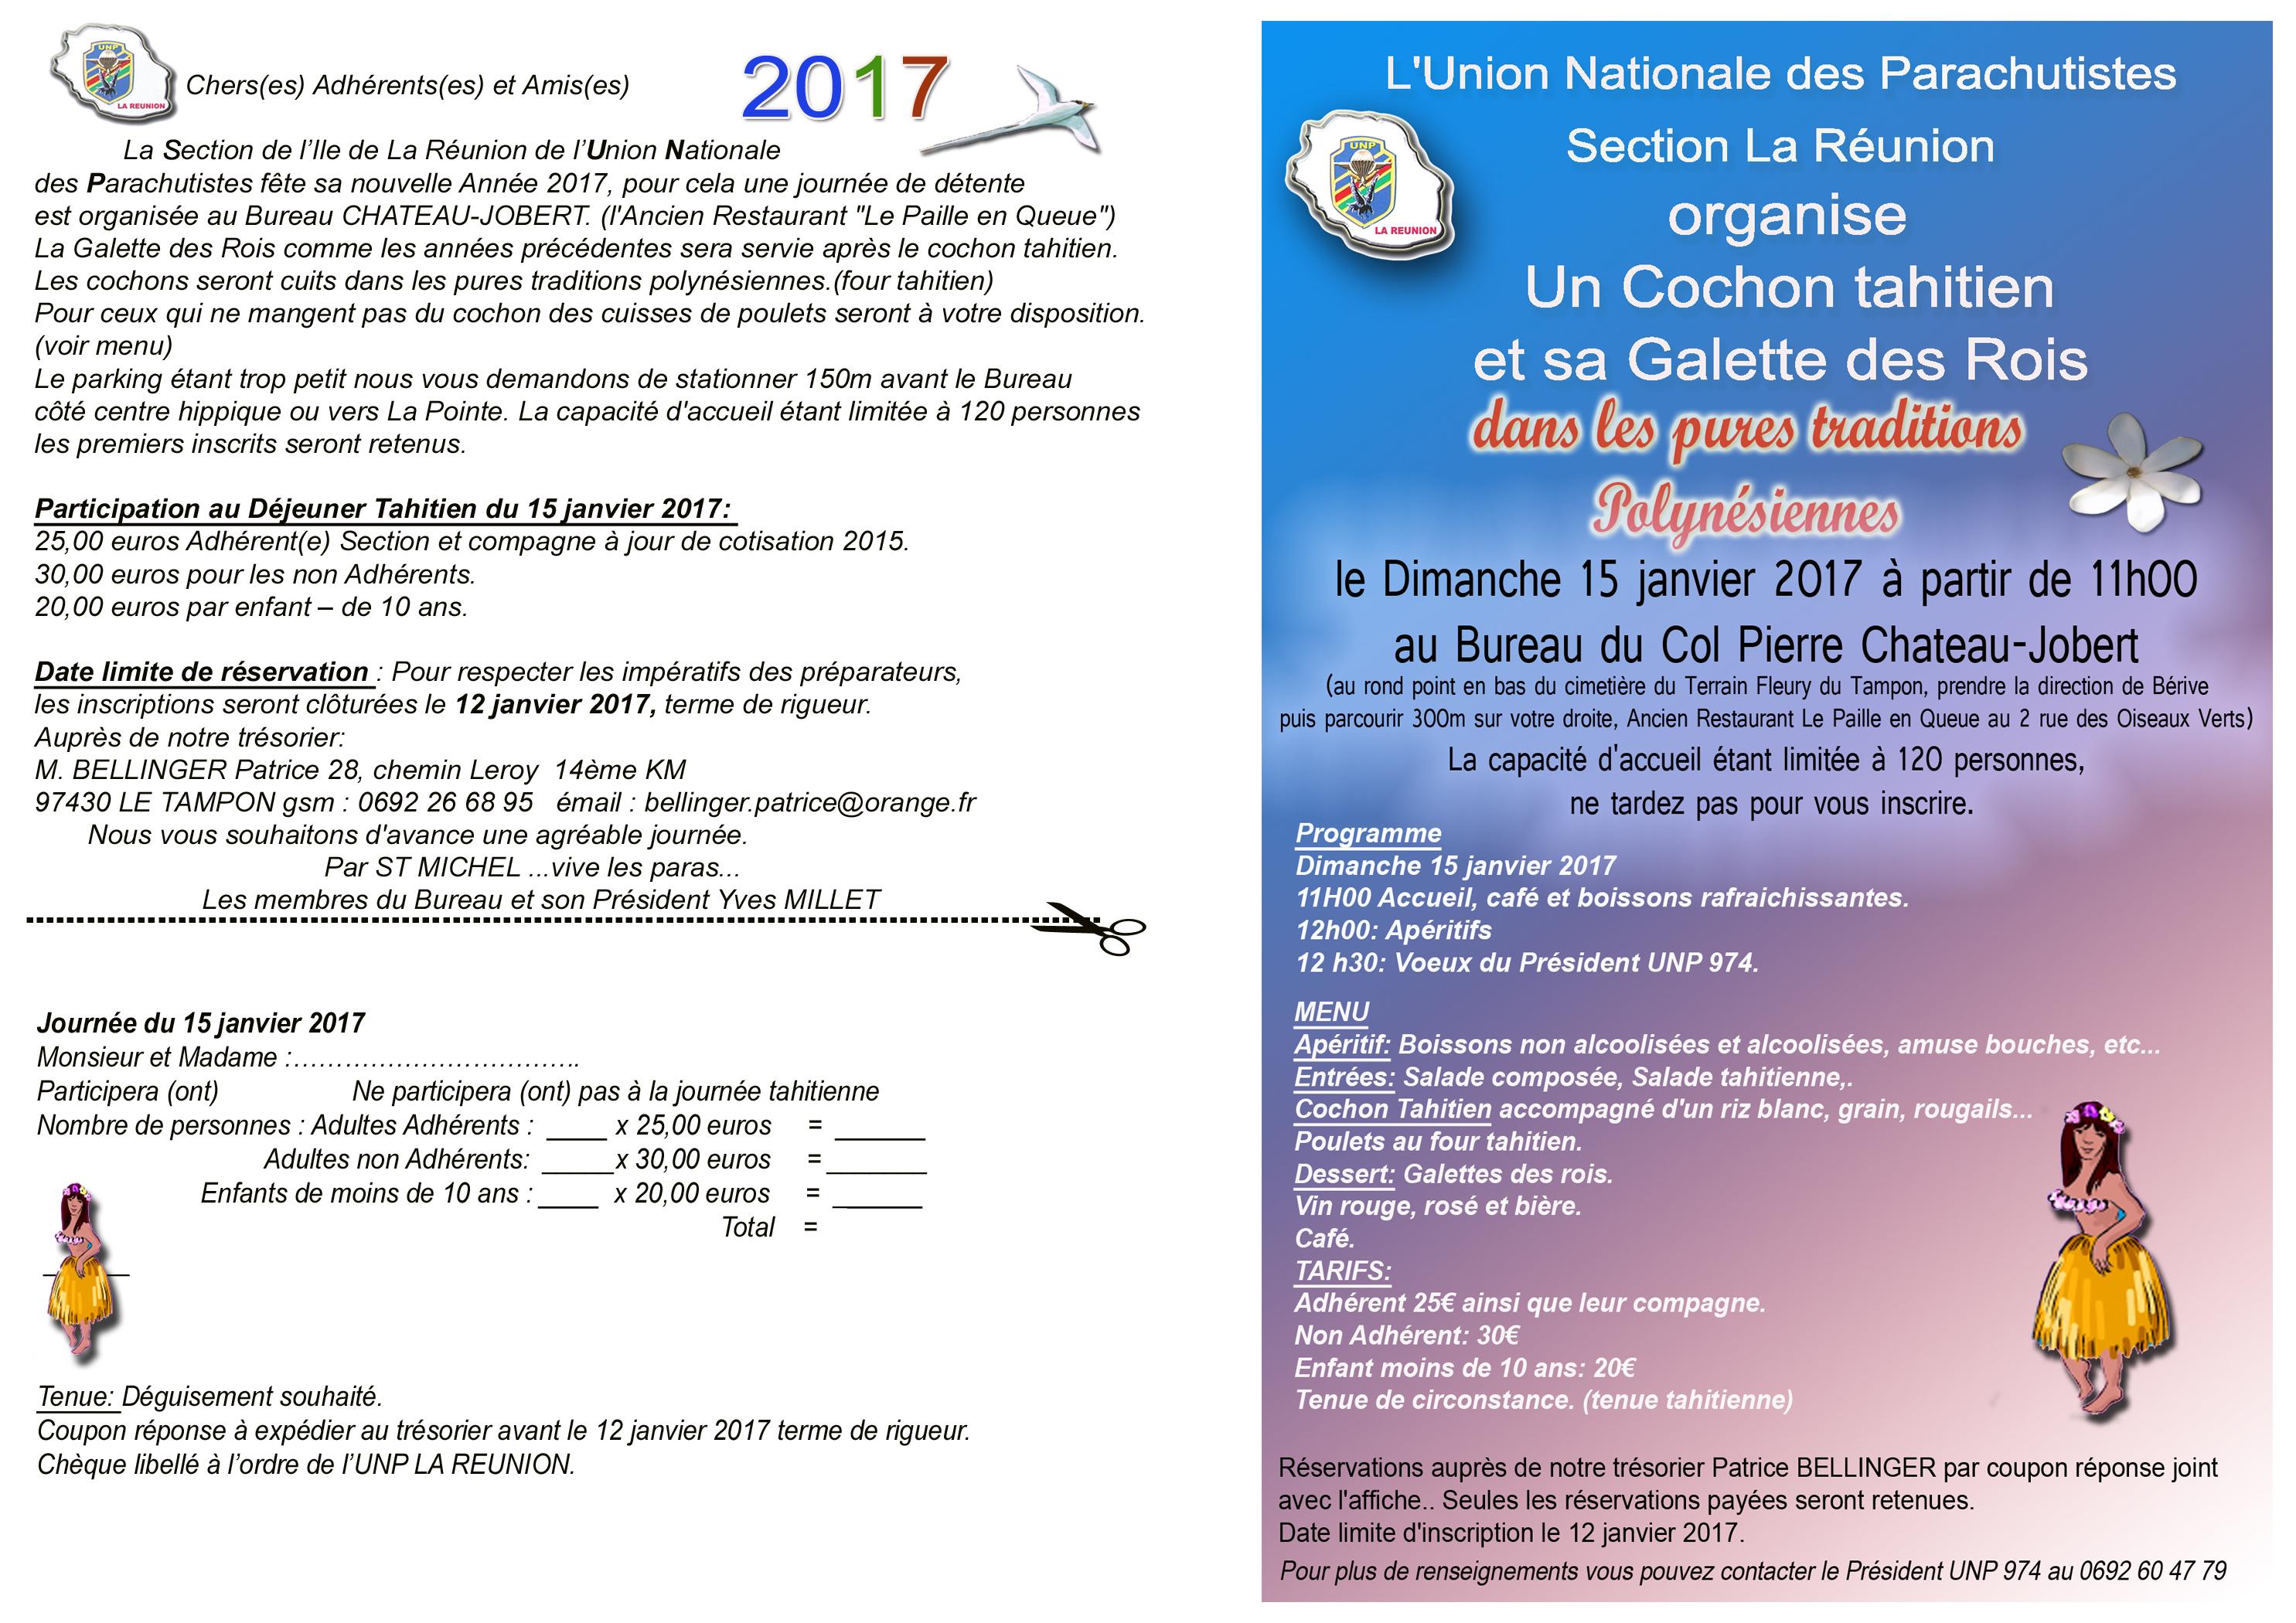 coupon-reponse-galette-et-cochon-tahitien-2017-copie